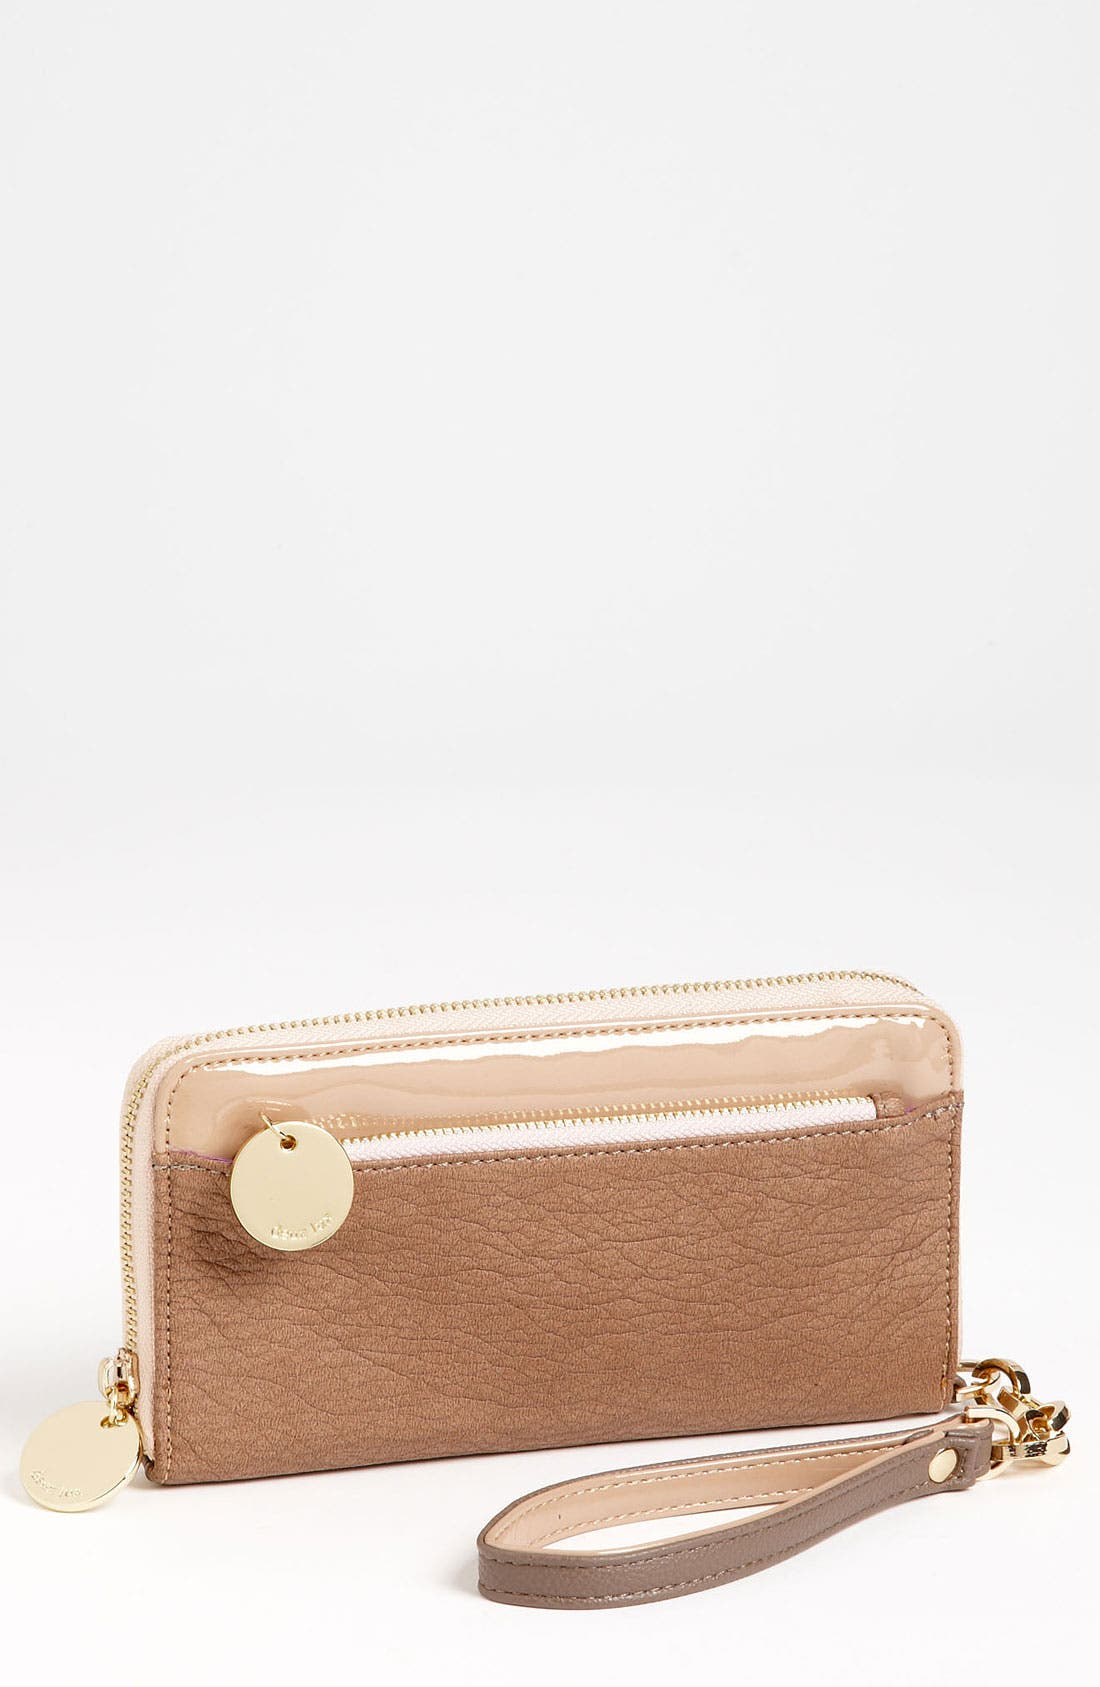 Main Image - Deux Lux 'Nico' Wristlet Wallet